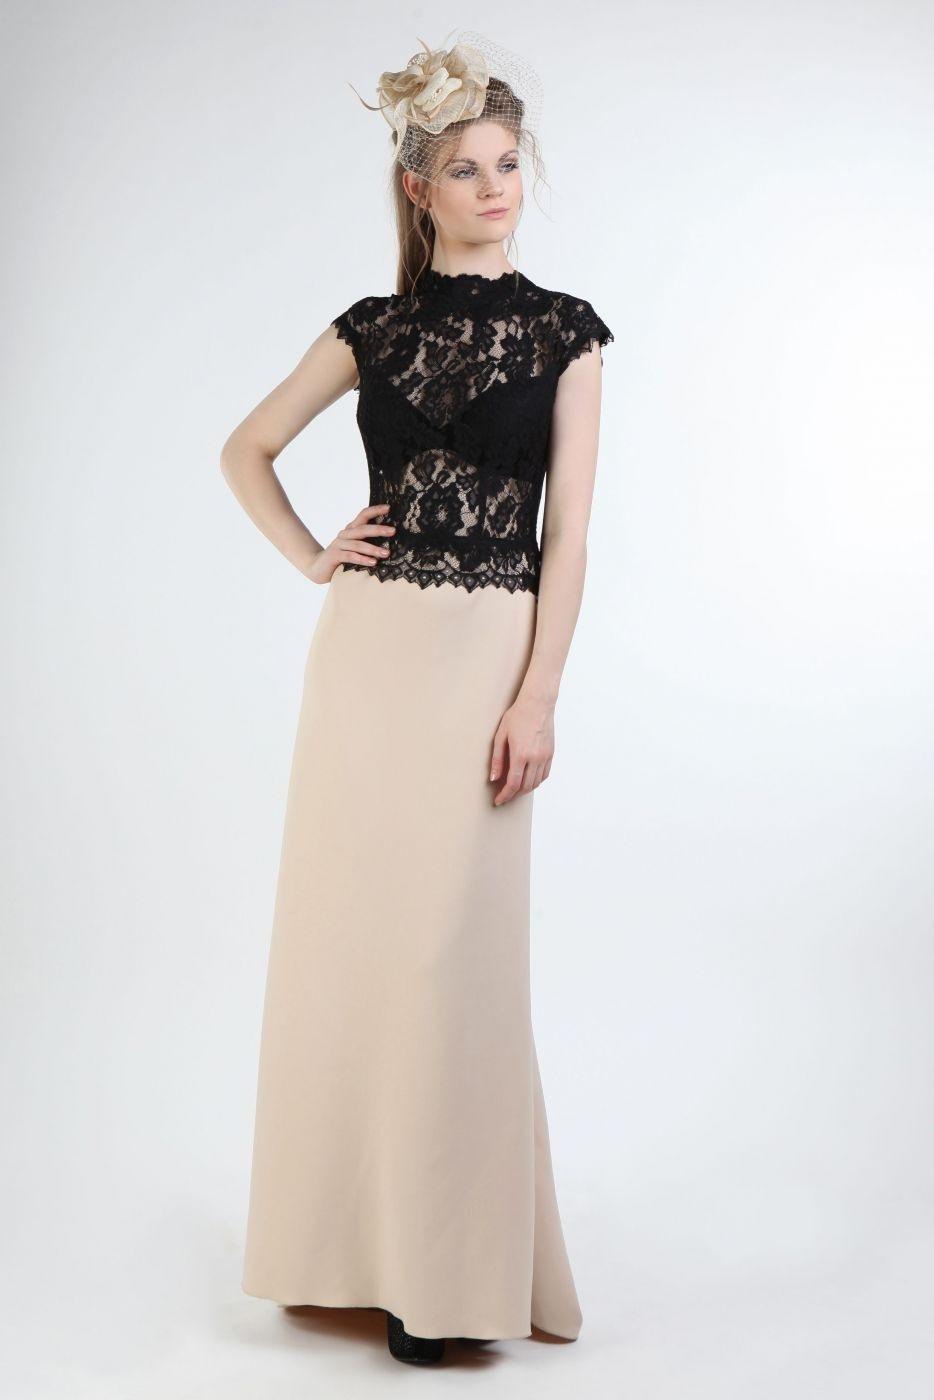 Formal Fantastisch Abendkleid Creme Lang für 201917 Schön Abendkleid Creme Lang Stylish